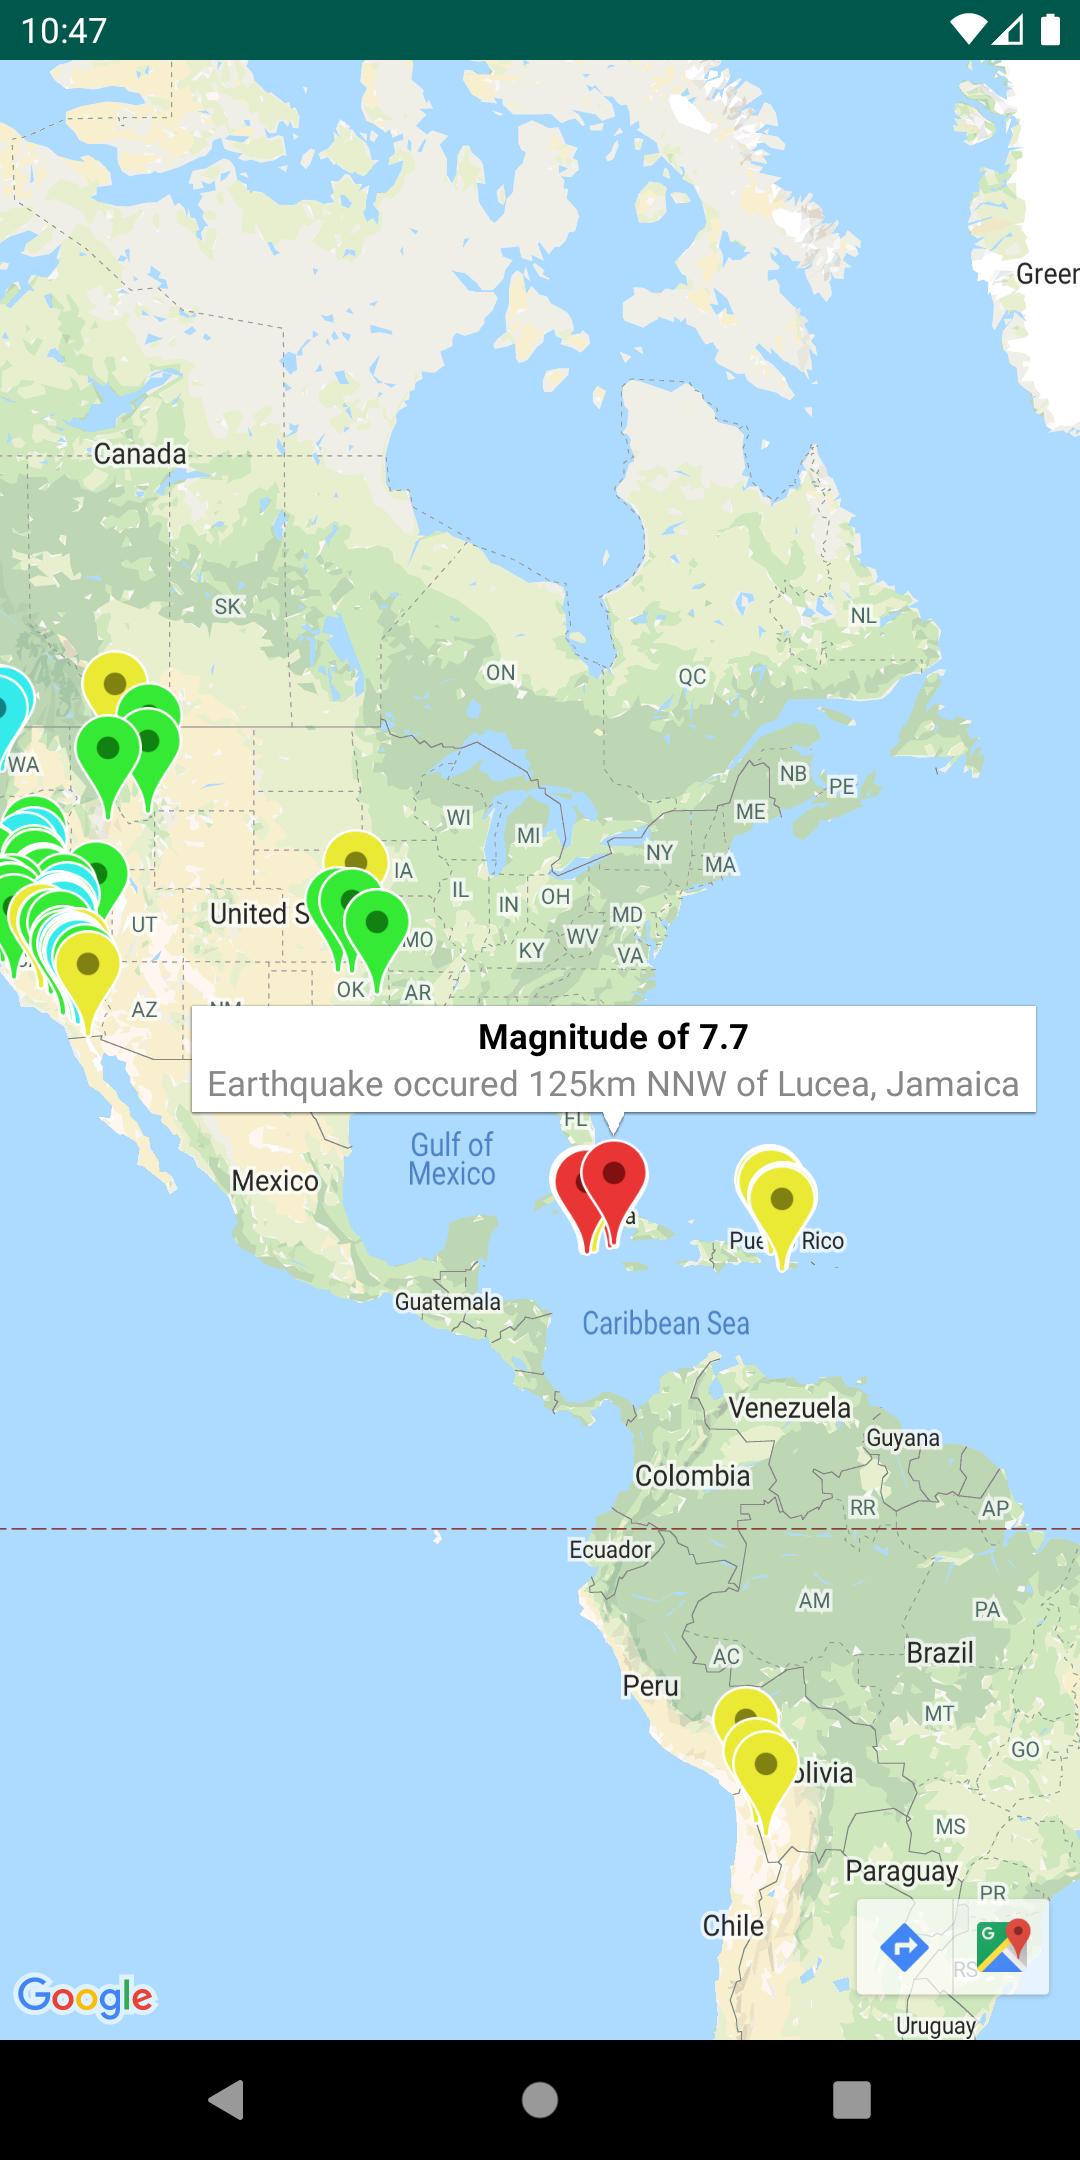 GeoJSON 계층이 있는 지도